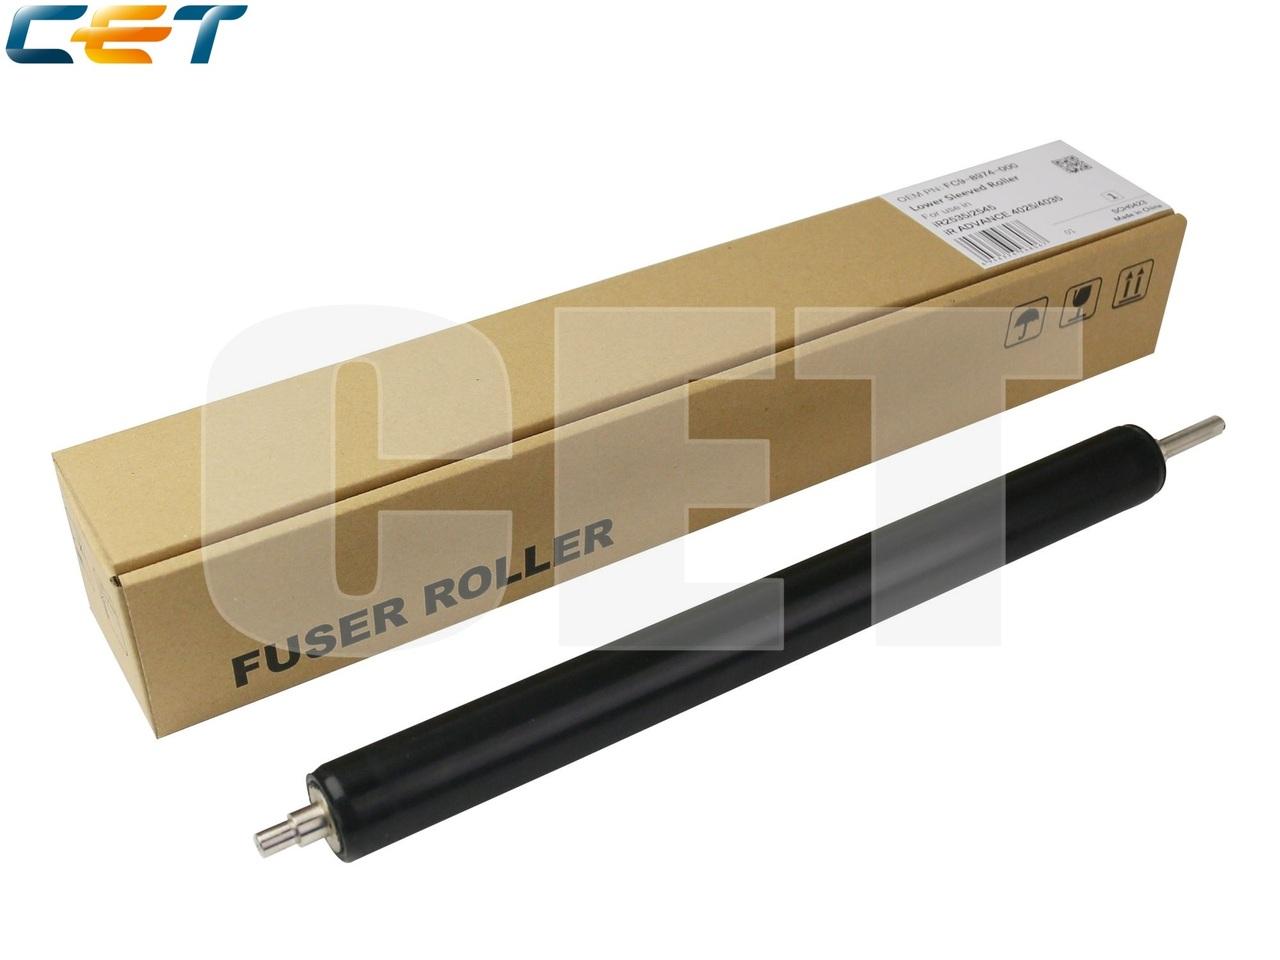 Резиновый вал FC9-8974-000 для CANON iR ADVANCE4025/4035/4235/4245/4251/4525i/4545i/4551i (CET), CET6806